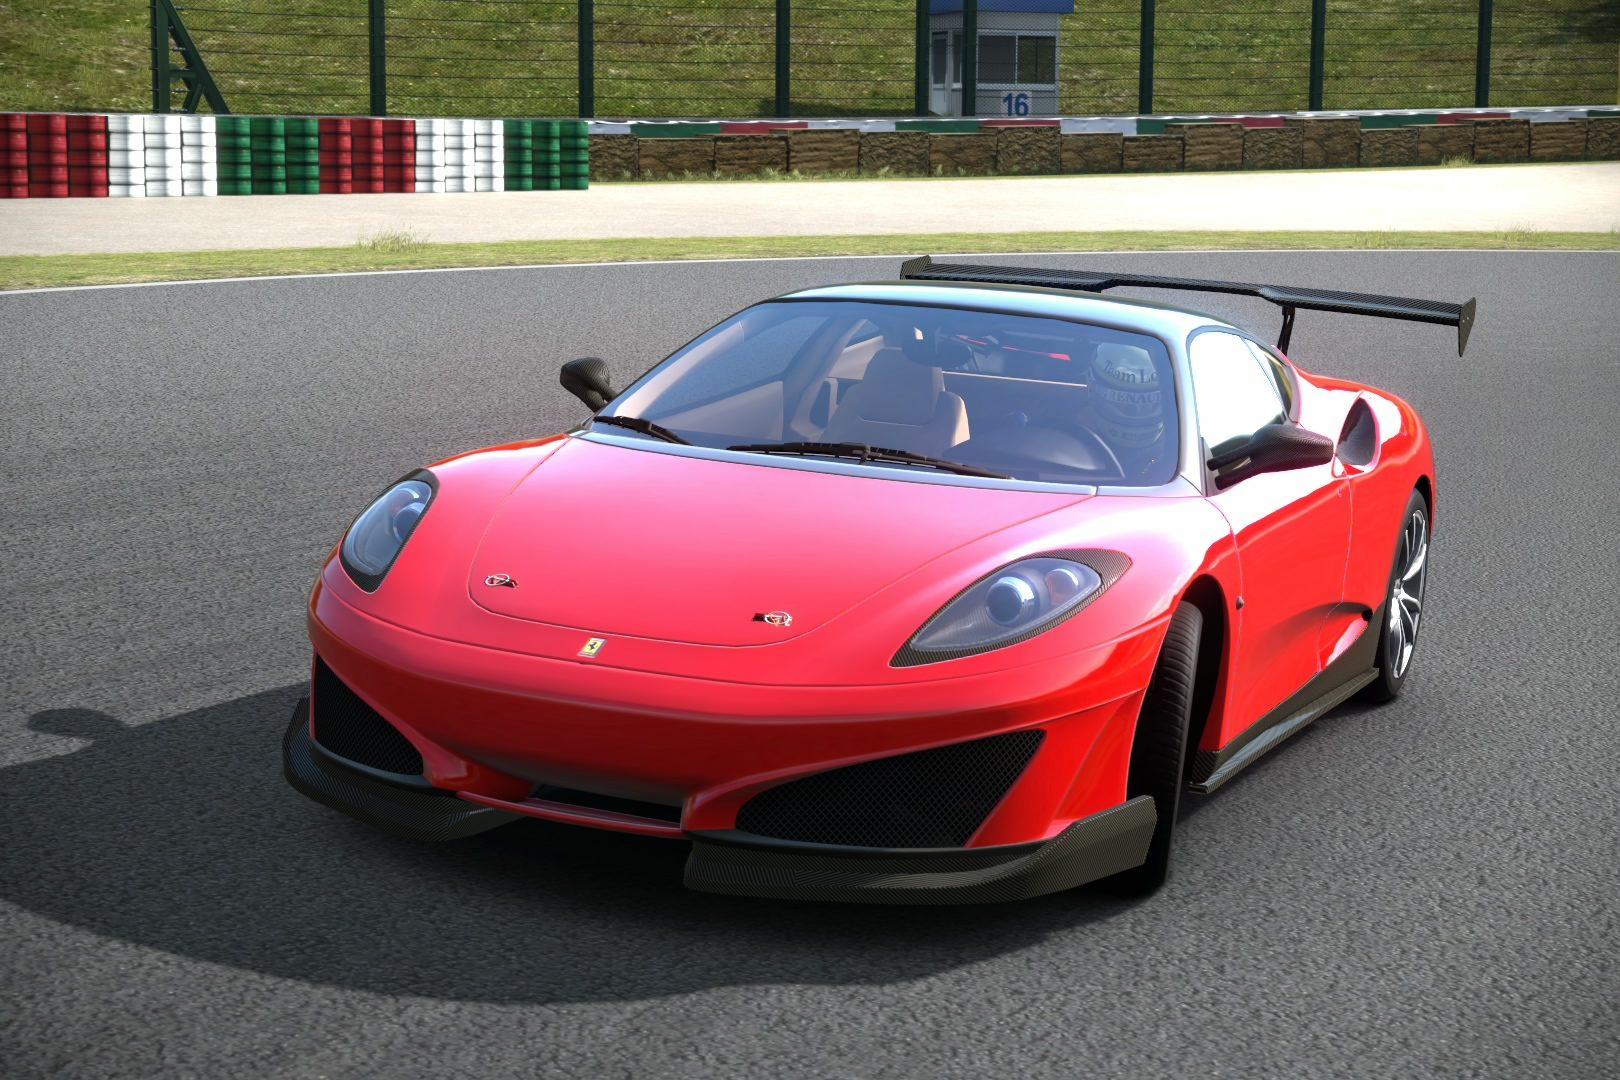 FerrariSP1Img2.jpg